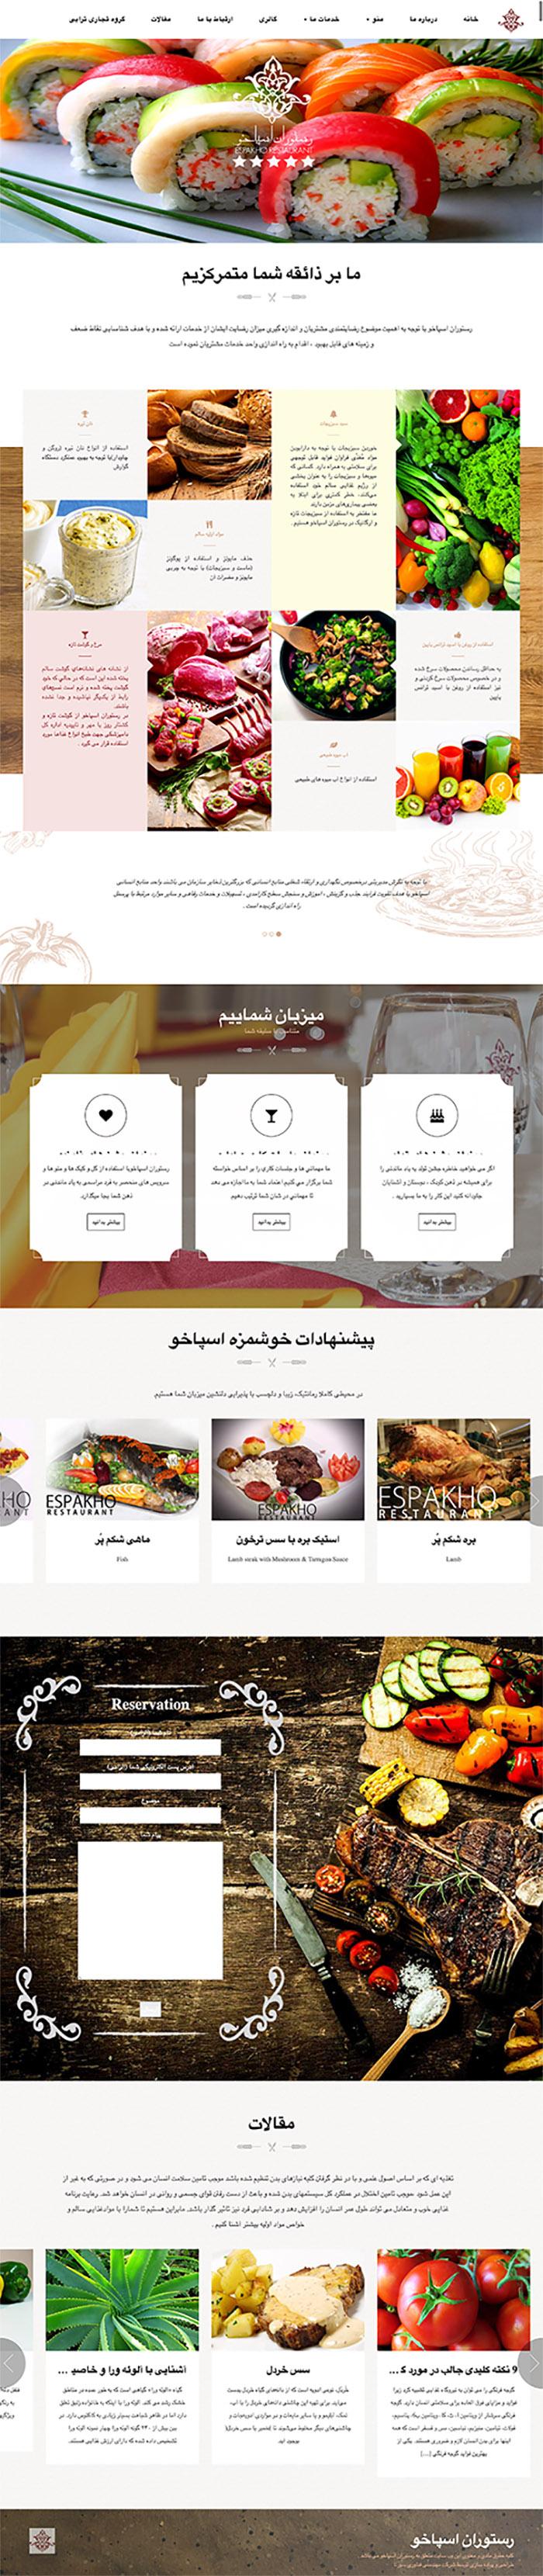 طراحی سایت رستوران اسپاخو توسط شرکت طراحی سایت سورنا در کرمان